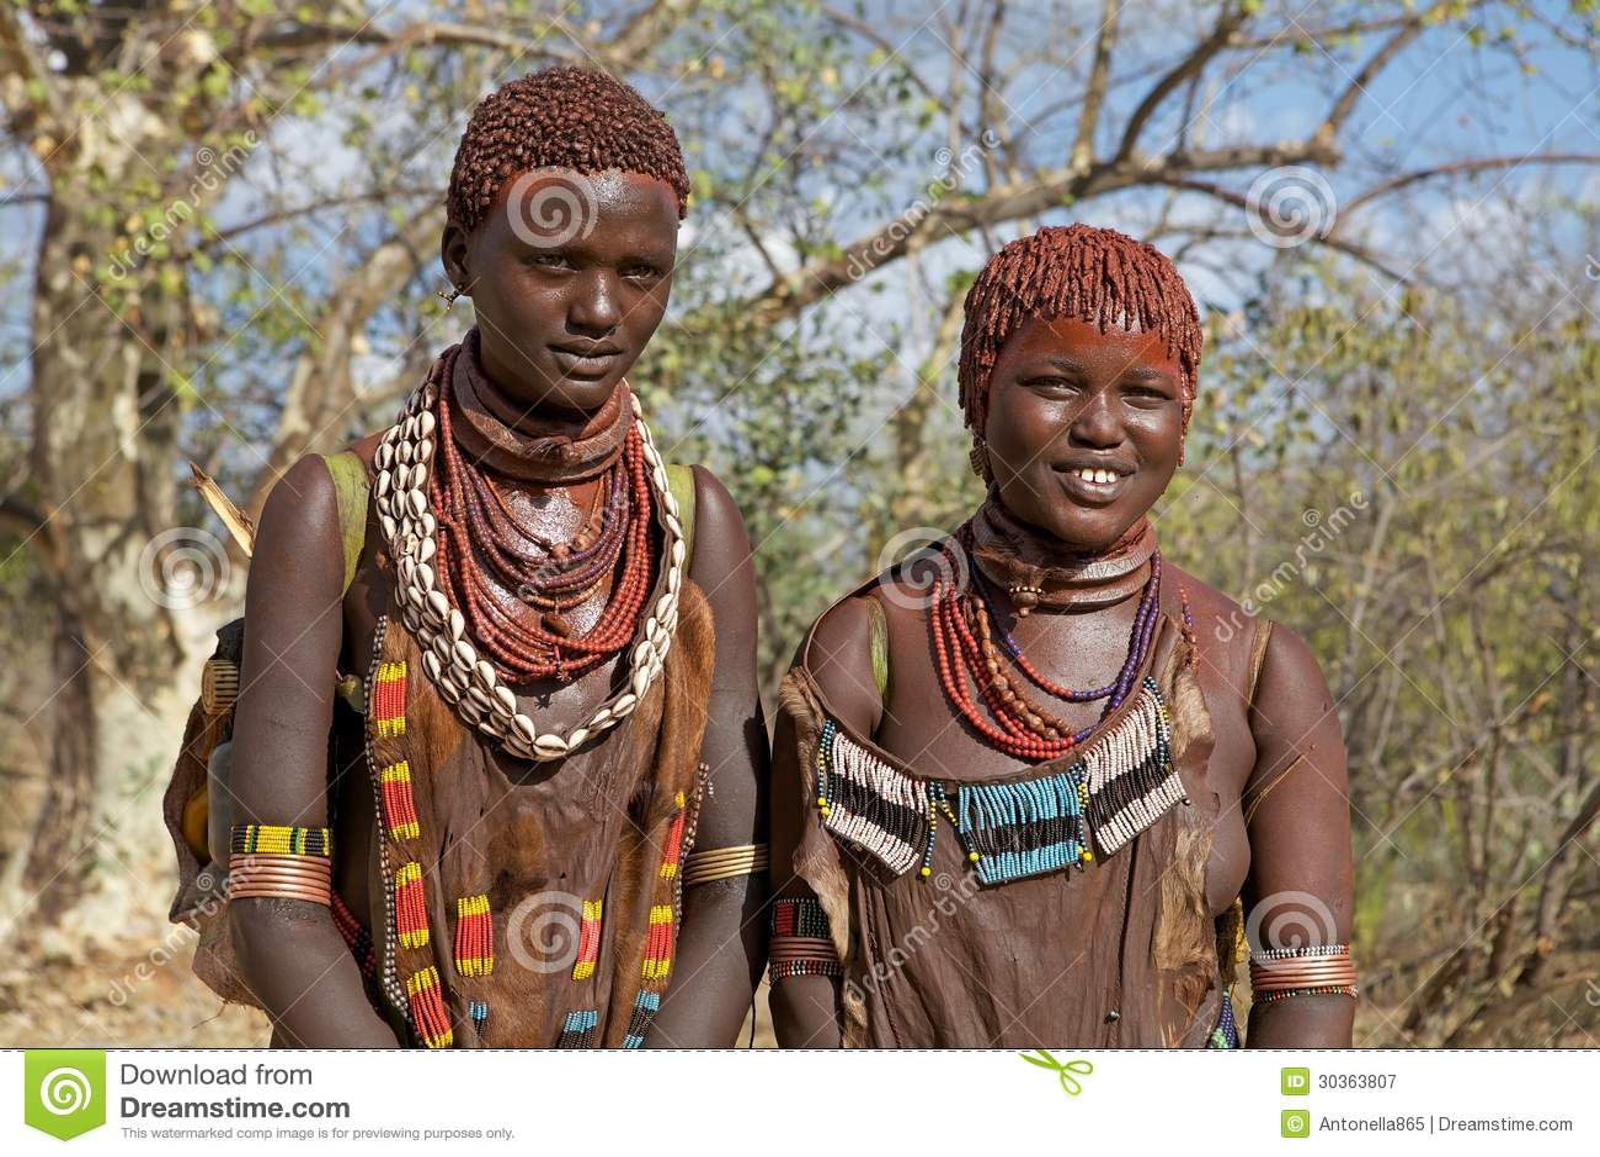 äthiopische Damen facebook